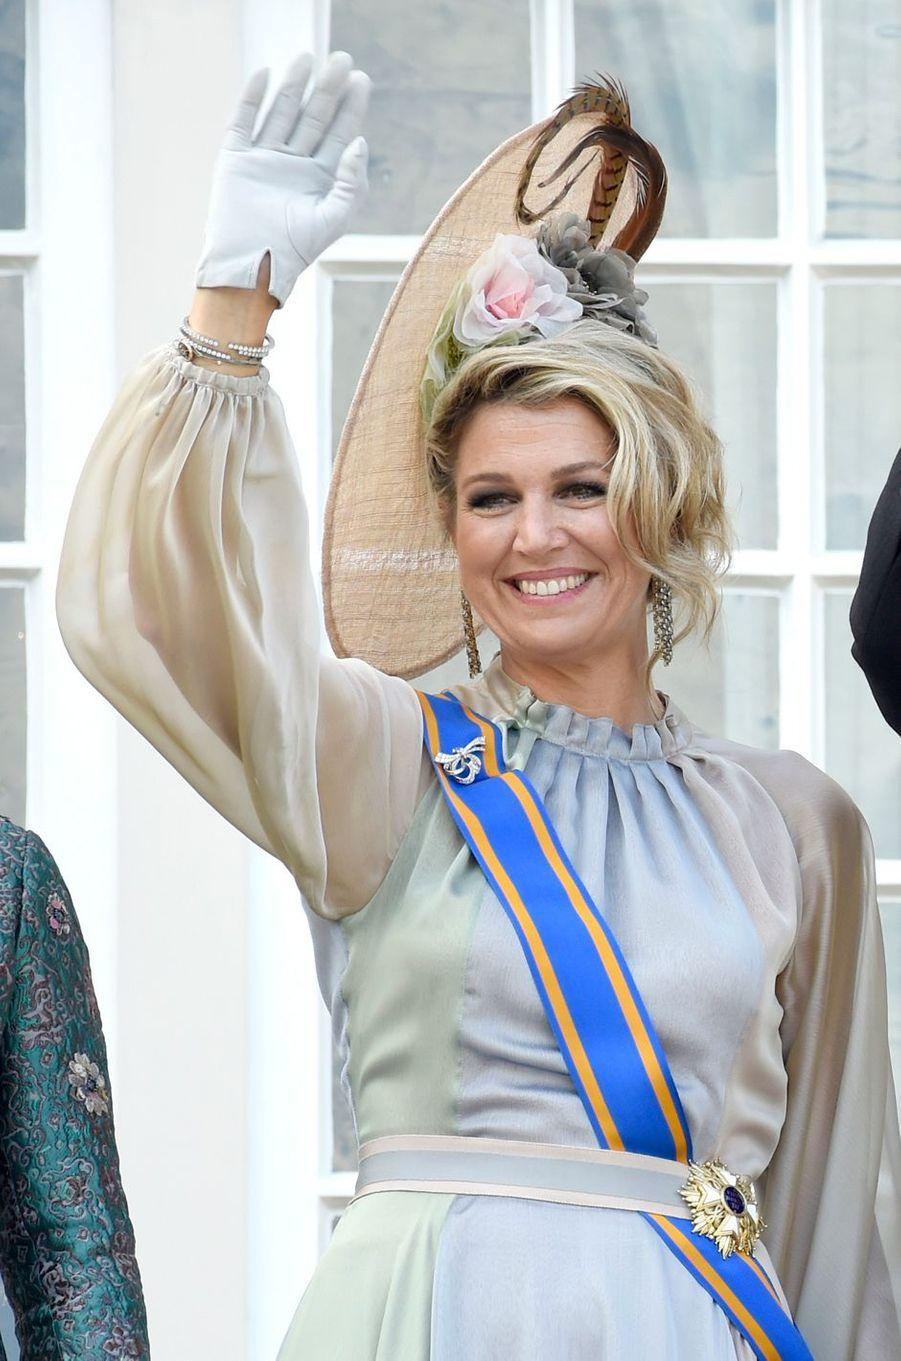 La reine Maxima des Pays-Bas à La Haye, le 18 septembre 2018